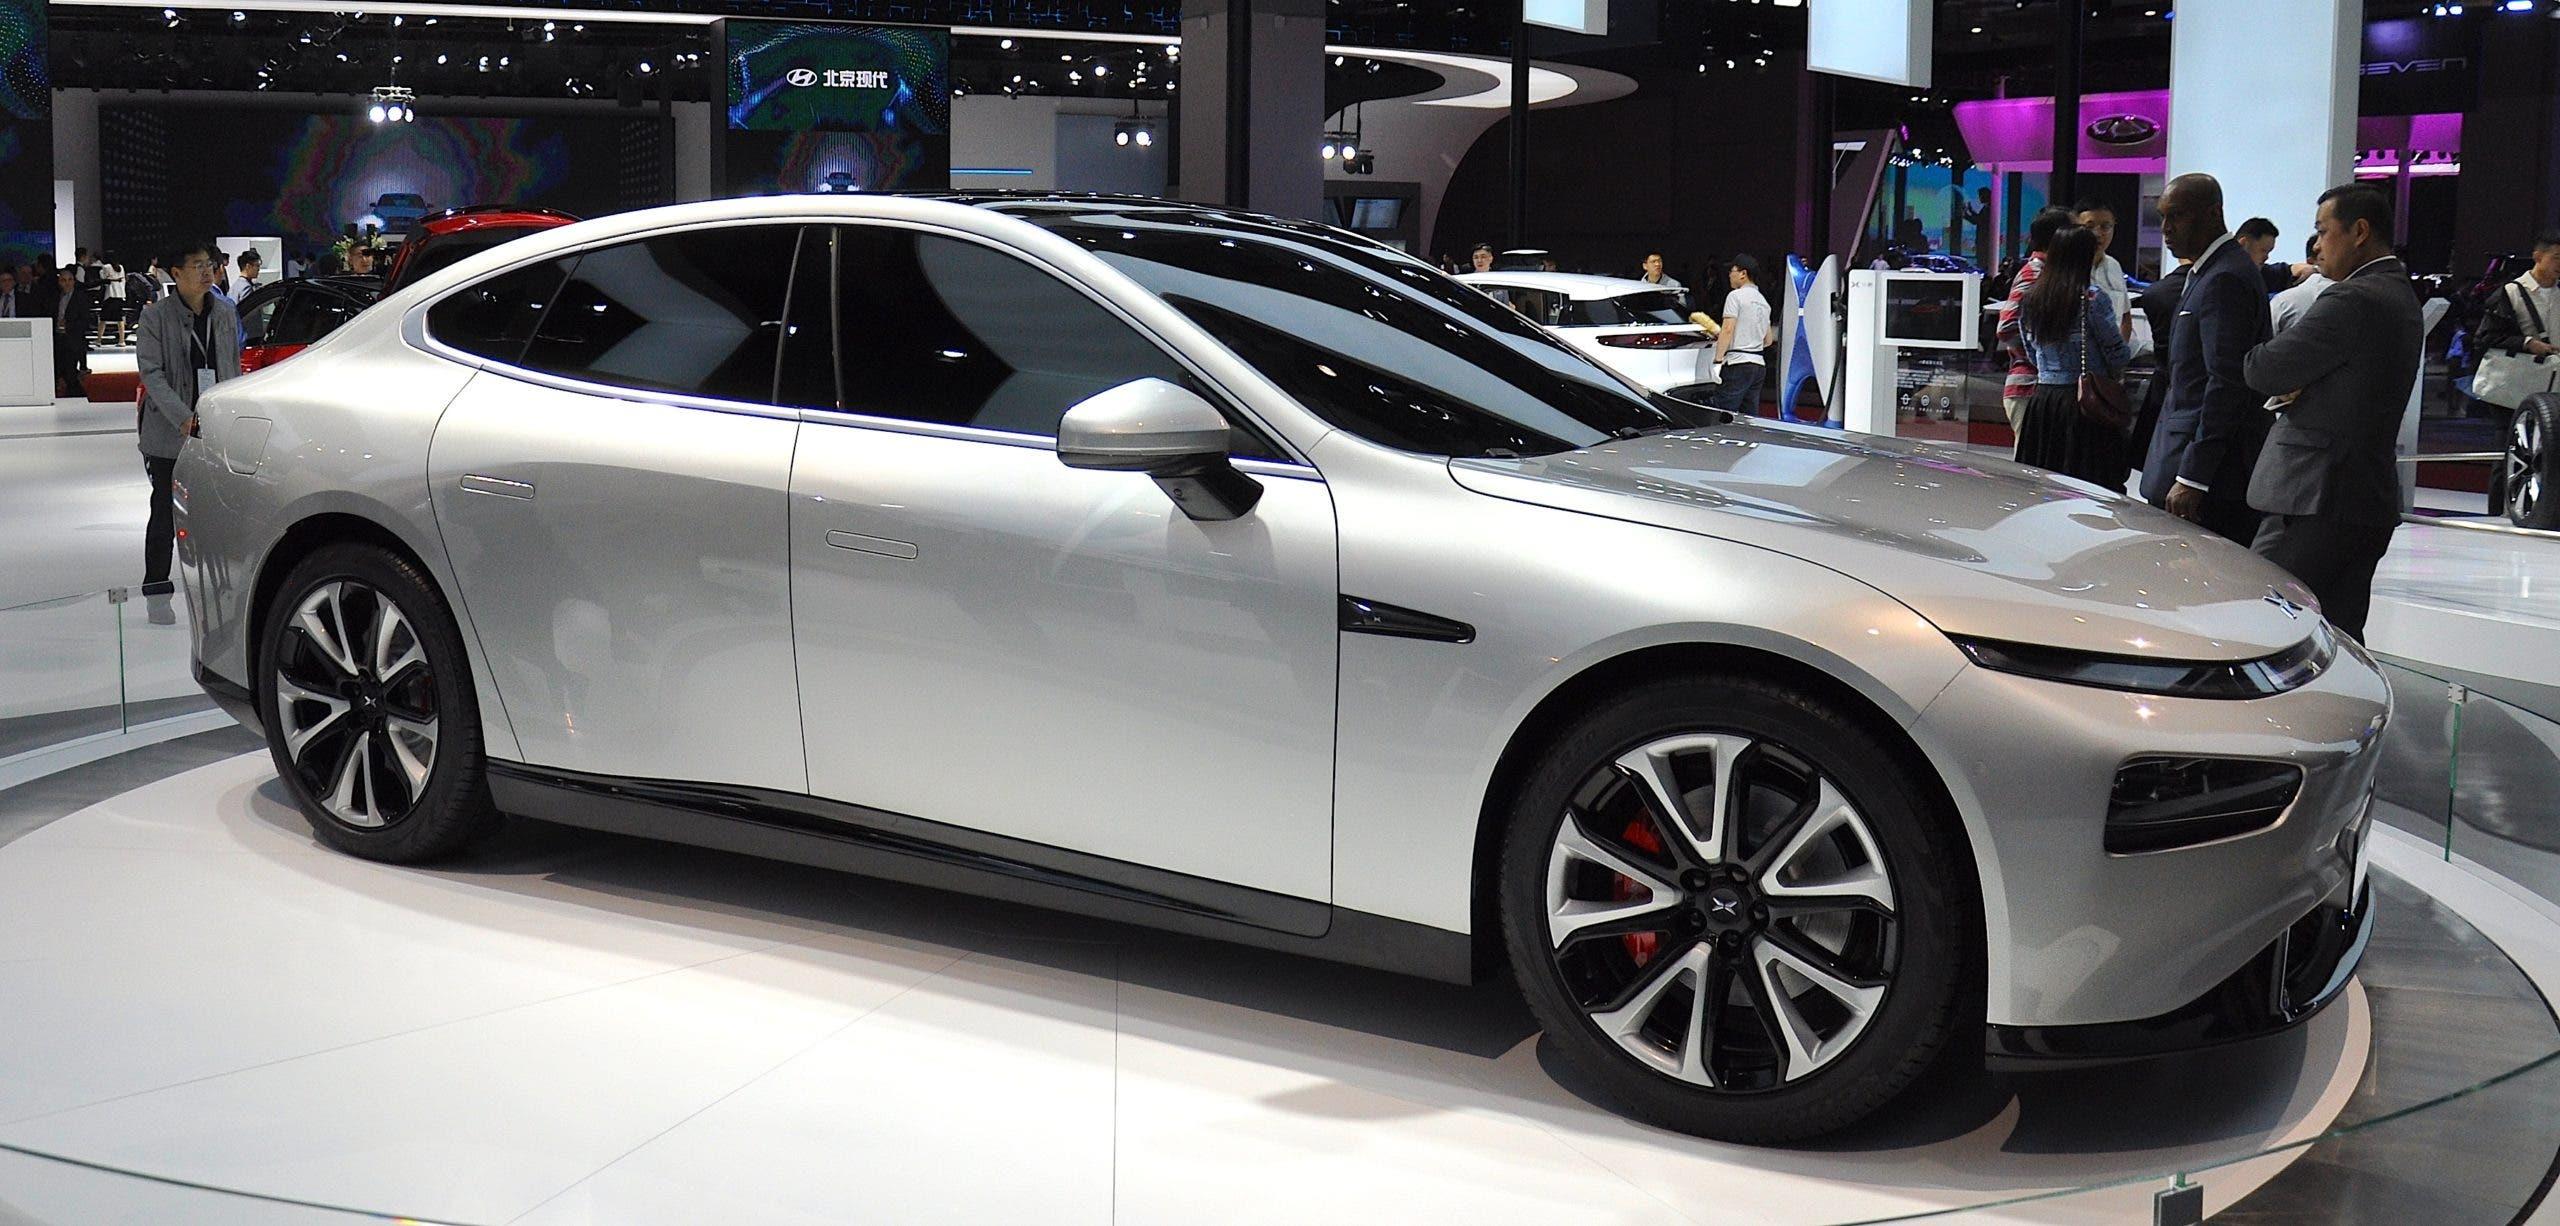 Chinese EV manufacturer Xpeng